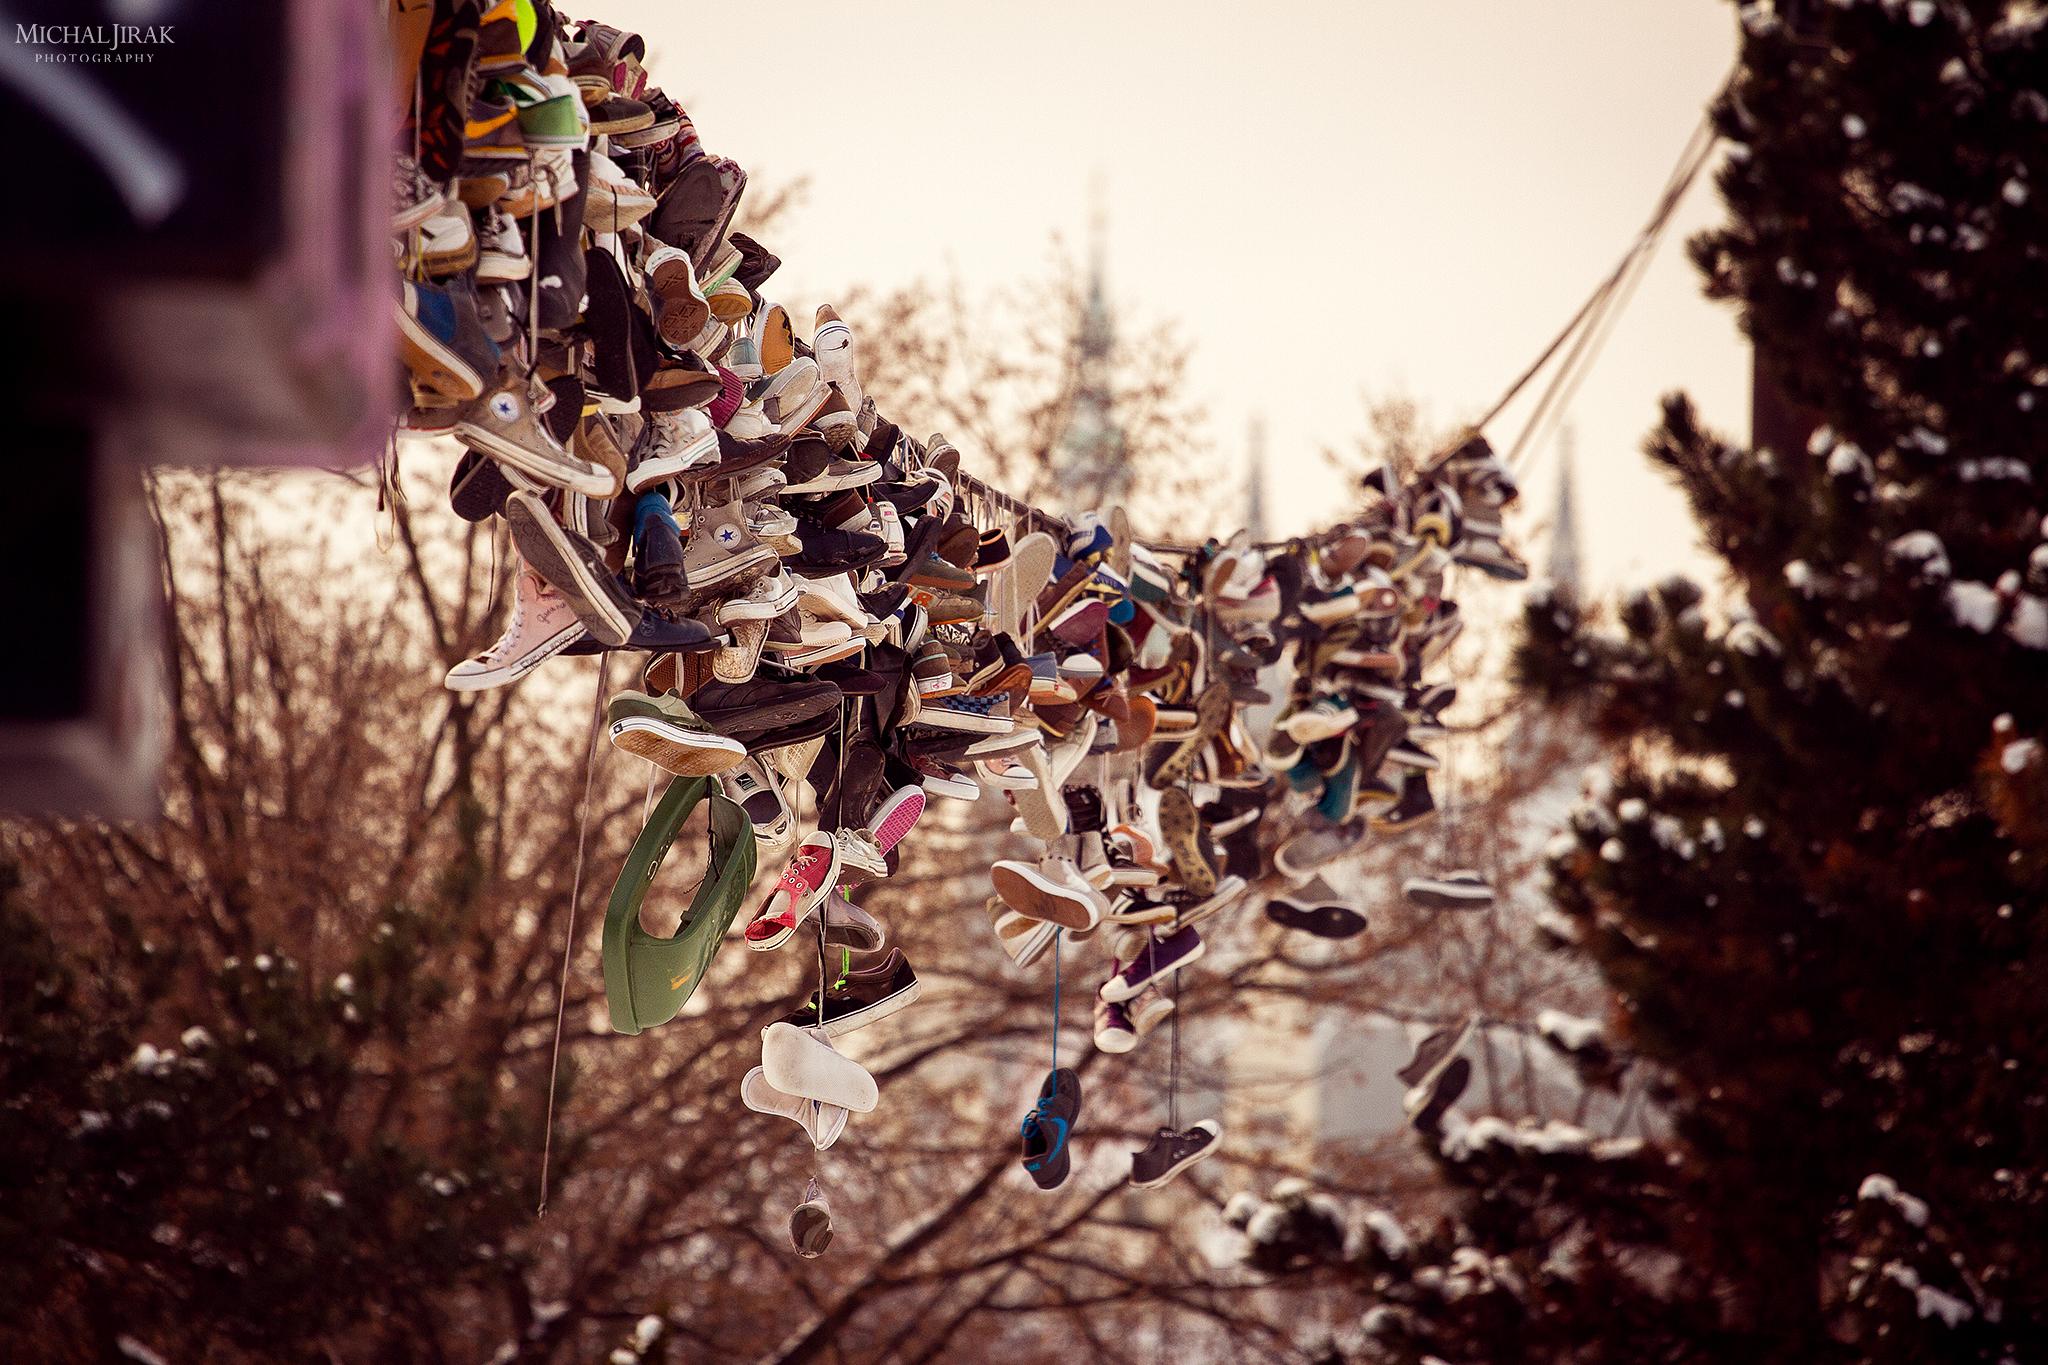 """Michal Jirák: """"Boty na Letné - na kabelu elektrického vedení. Tohle začalo před lety a dělali to skejťáci, kteří když zničili boty, svázali jim tkaničky a hodili je na tohle místo. Stala se z toho trochu zažitá tradice a teď už se tam najdou např. lední brusle, boty na snowboard apod."""""""